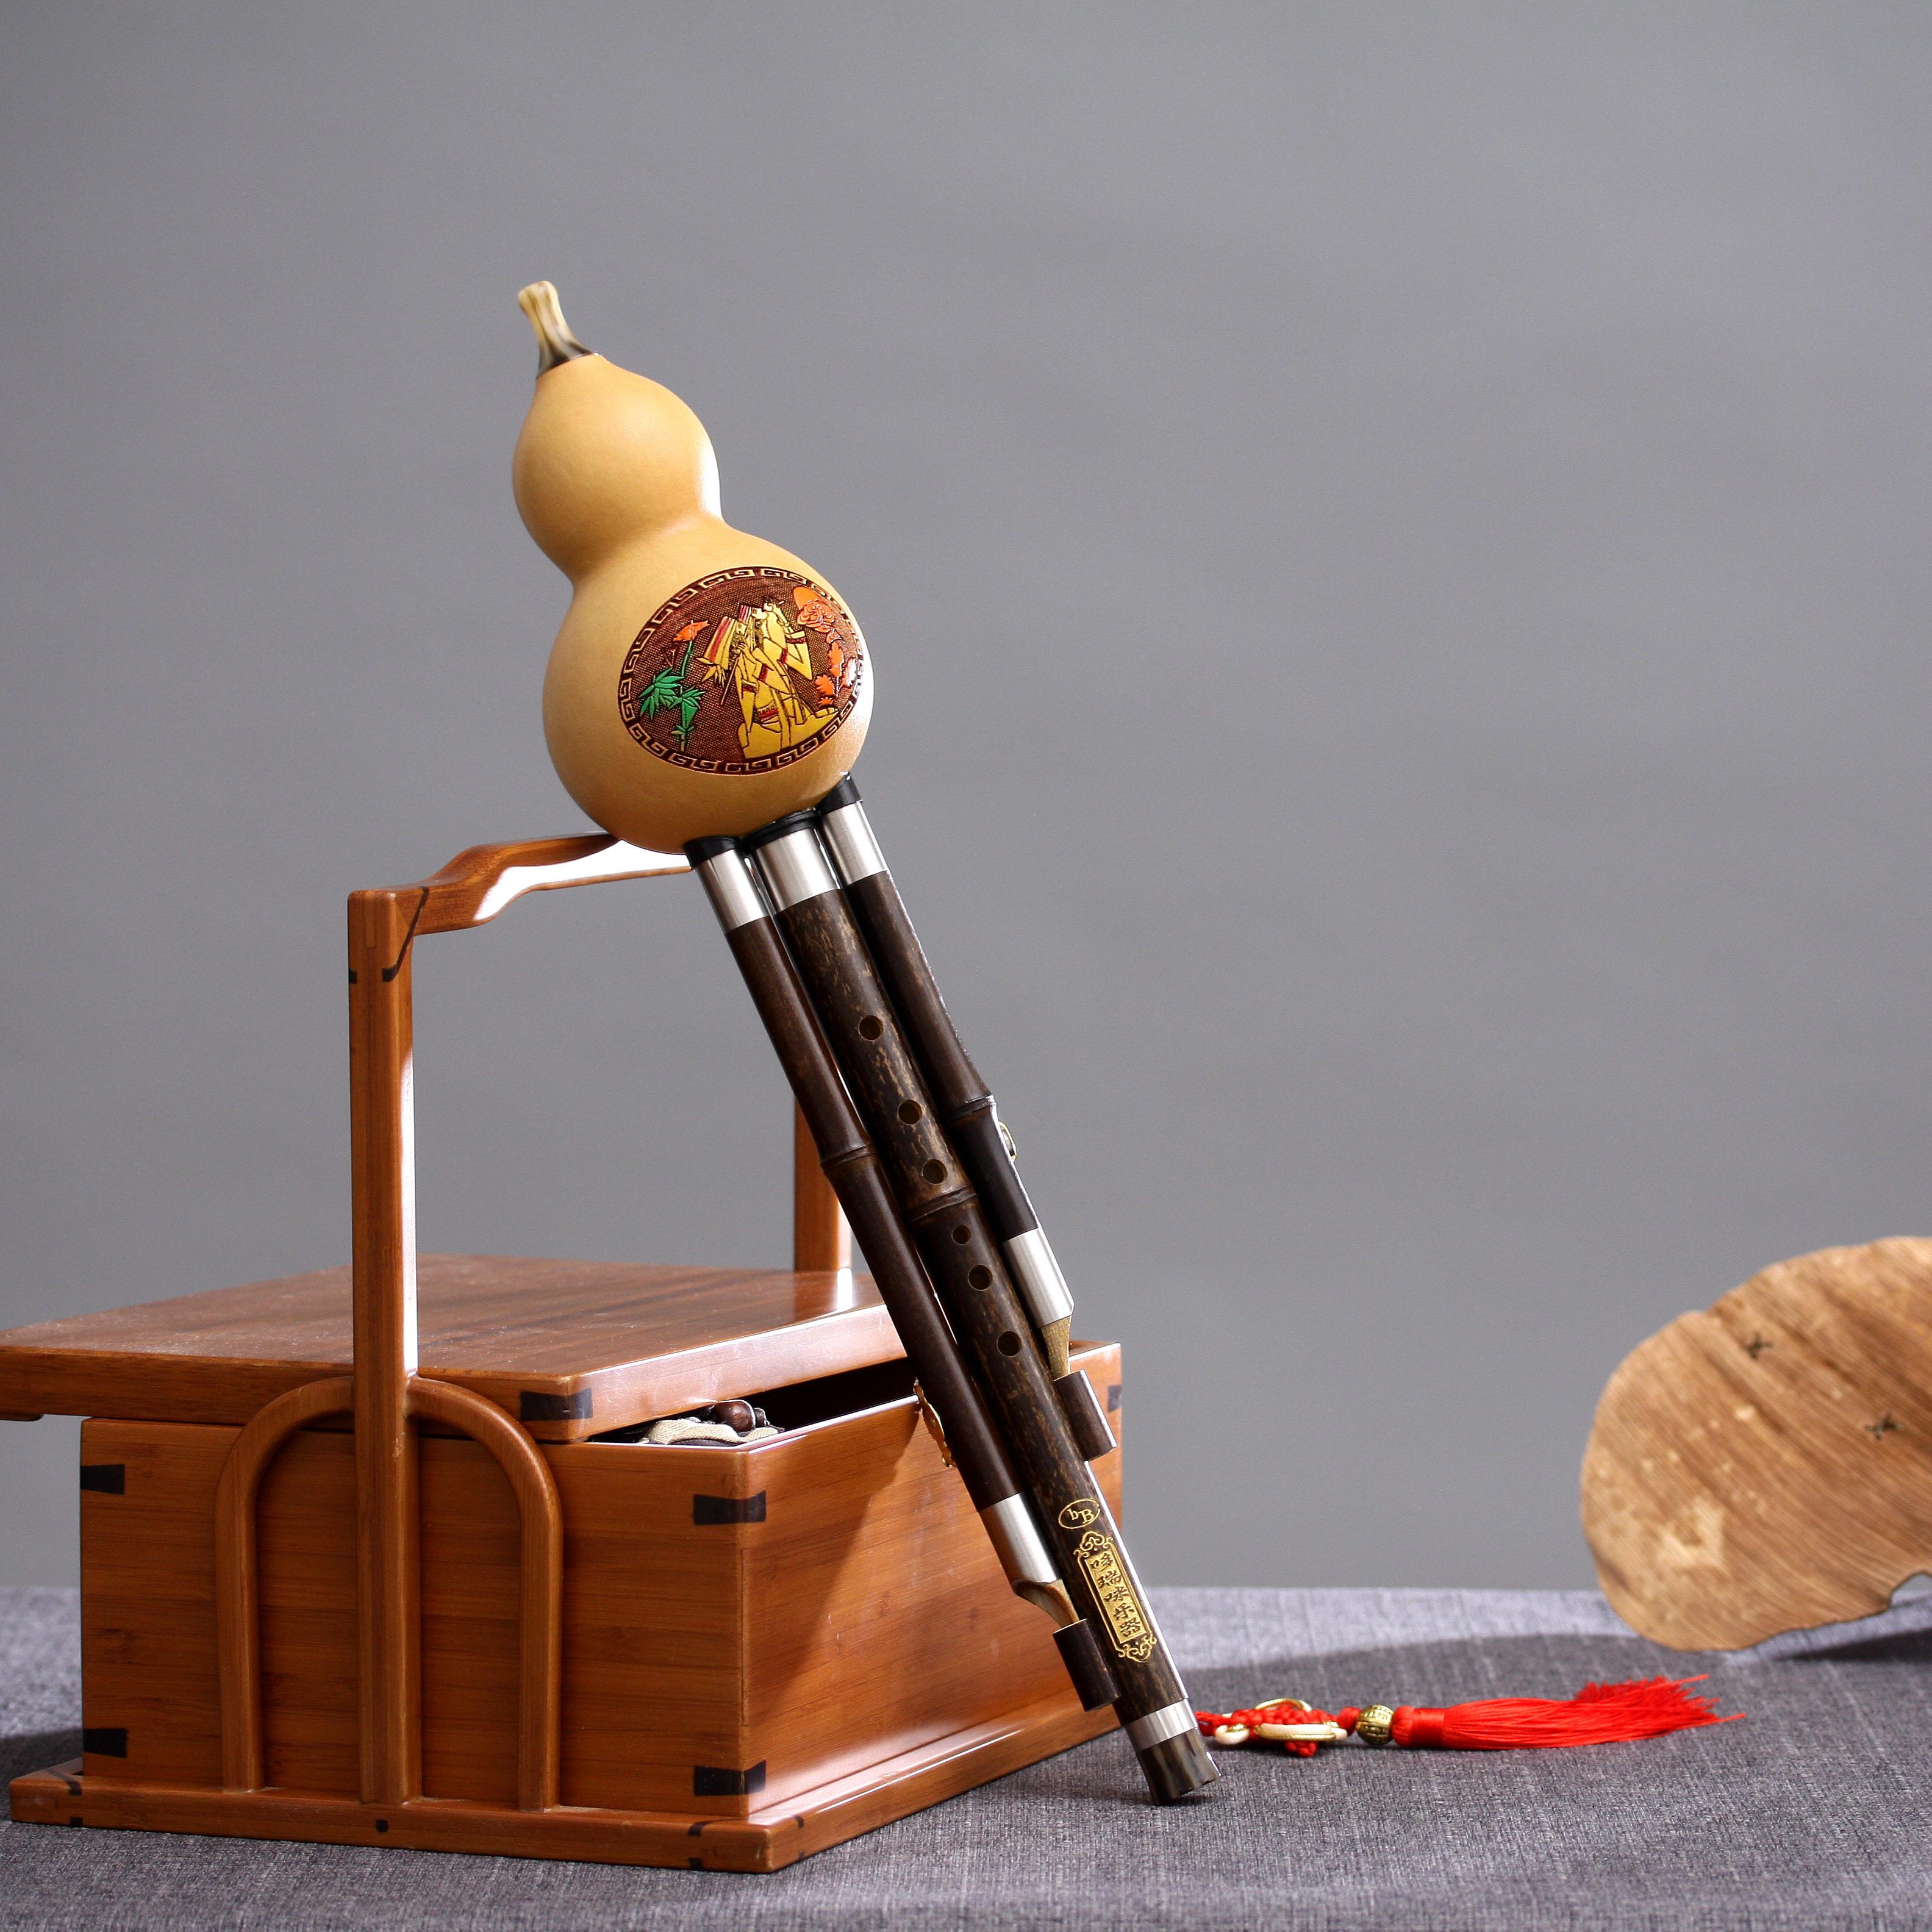 Instrumentos de nivel de tipo profesional hulusi considerando C rebaja de B. D los alumnos principiantes adultos pequeños paquetes de correo